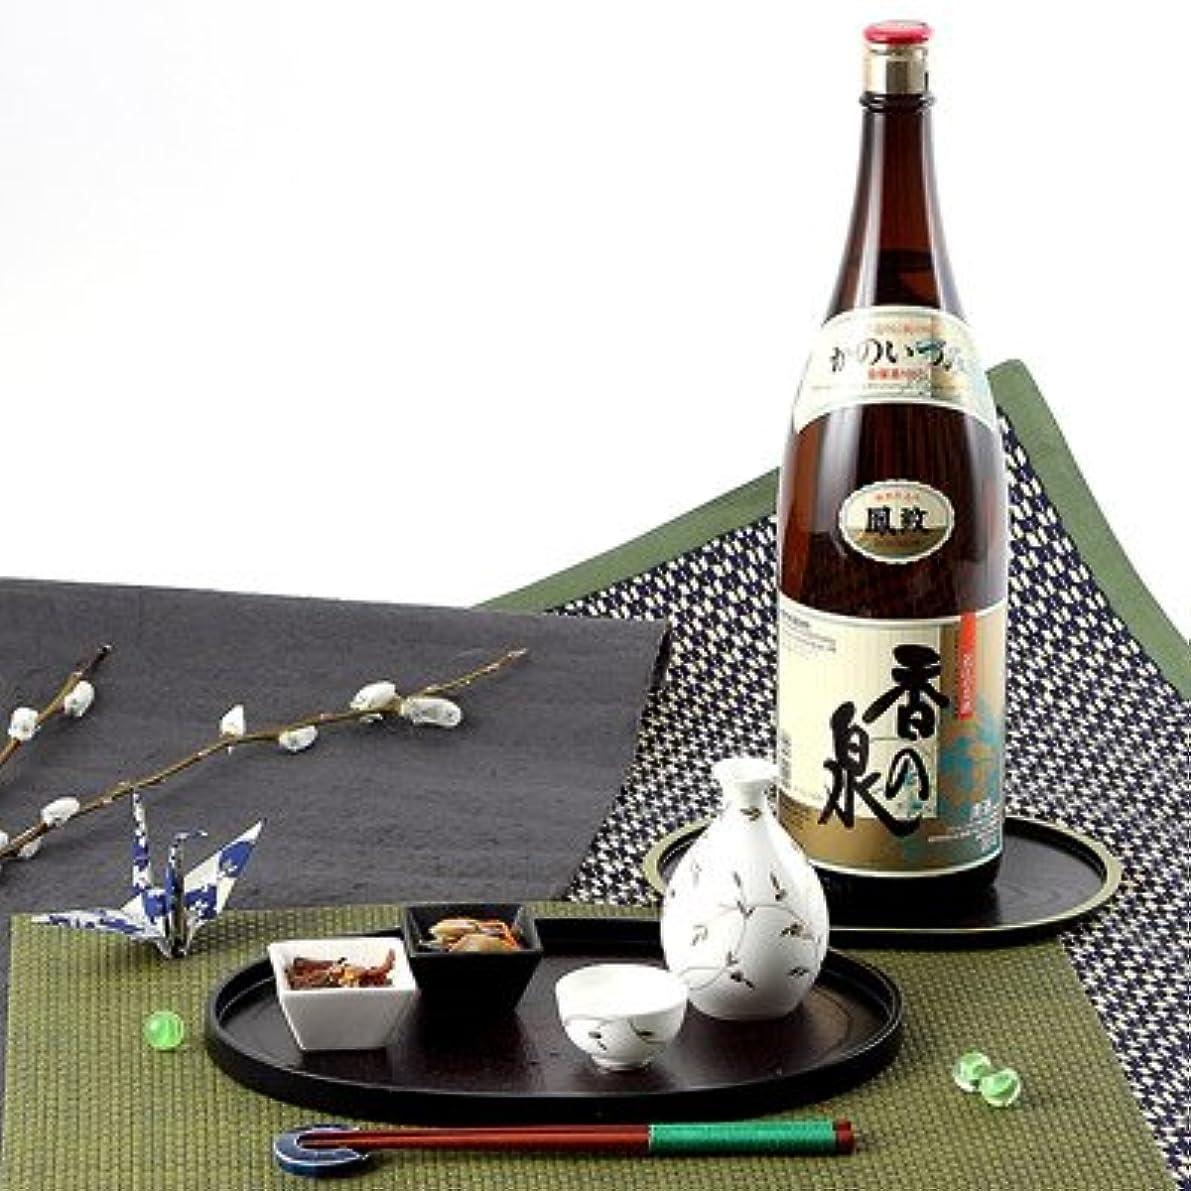 八百屋同種のシート近江の酒蔵 伝統の酒 香の泉 鳳紋 1800ml スッキリした味わいのやや辛口のお酒